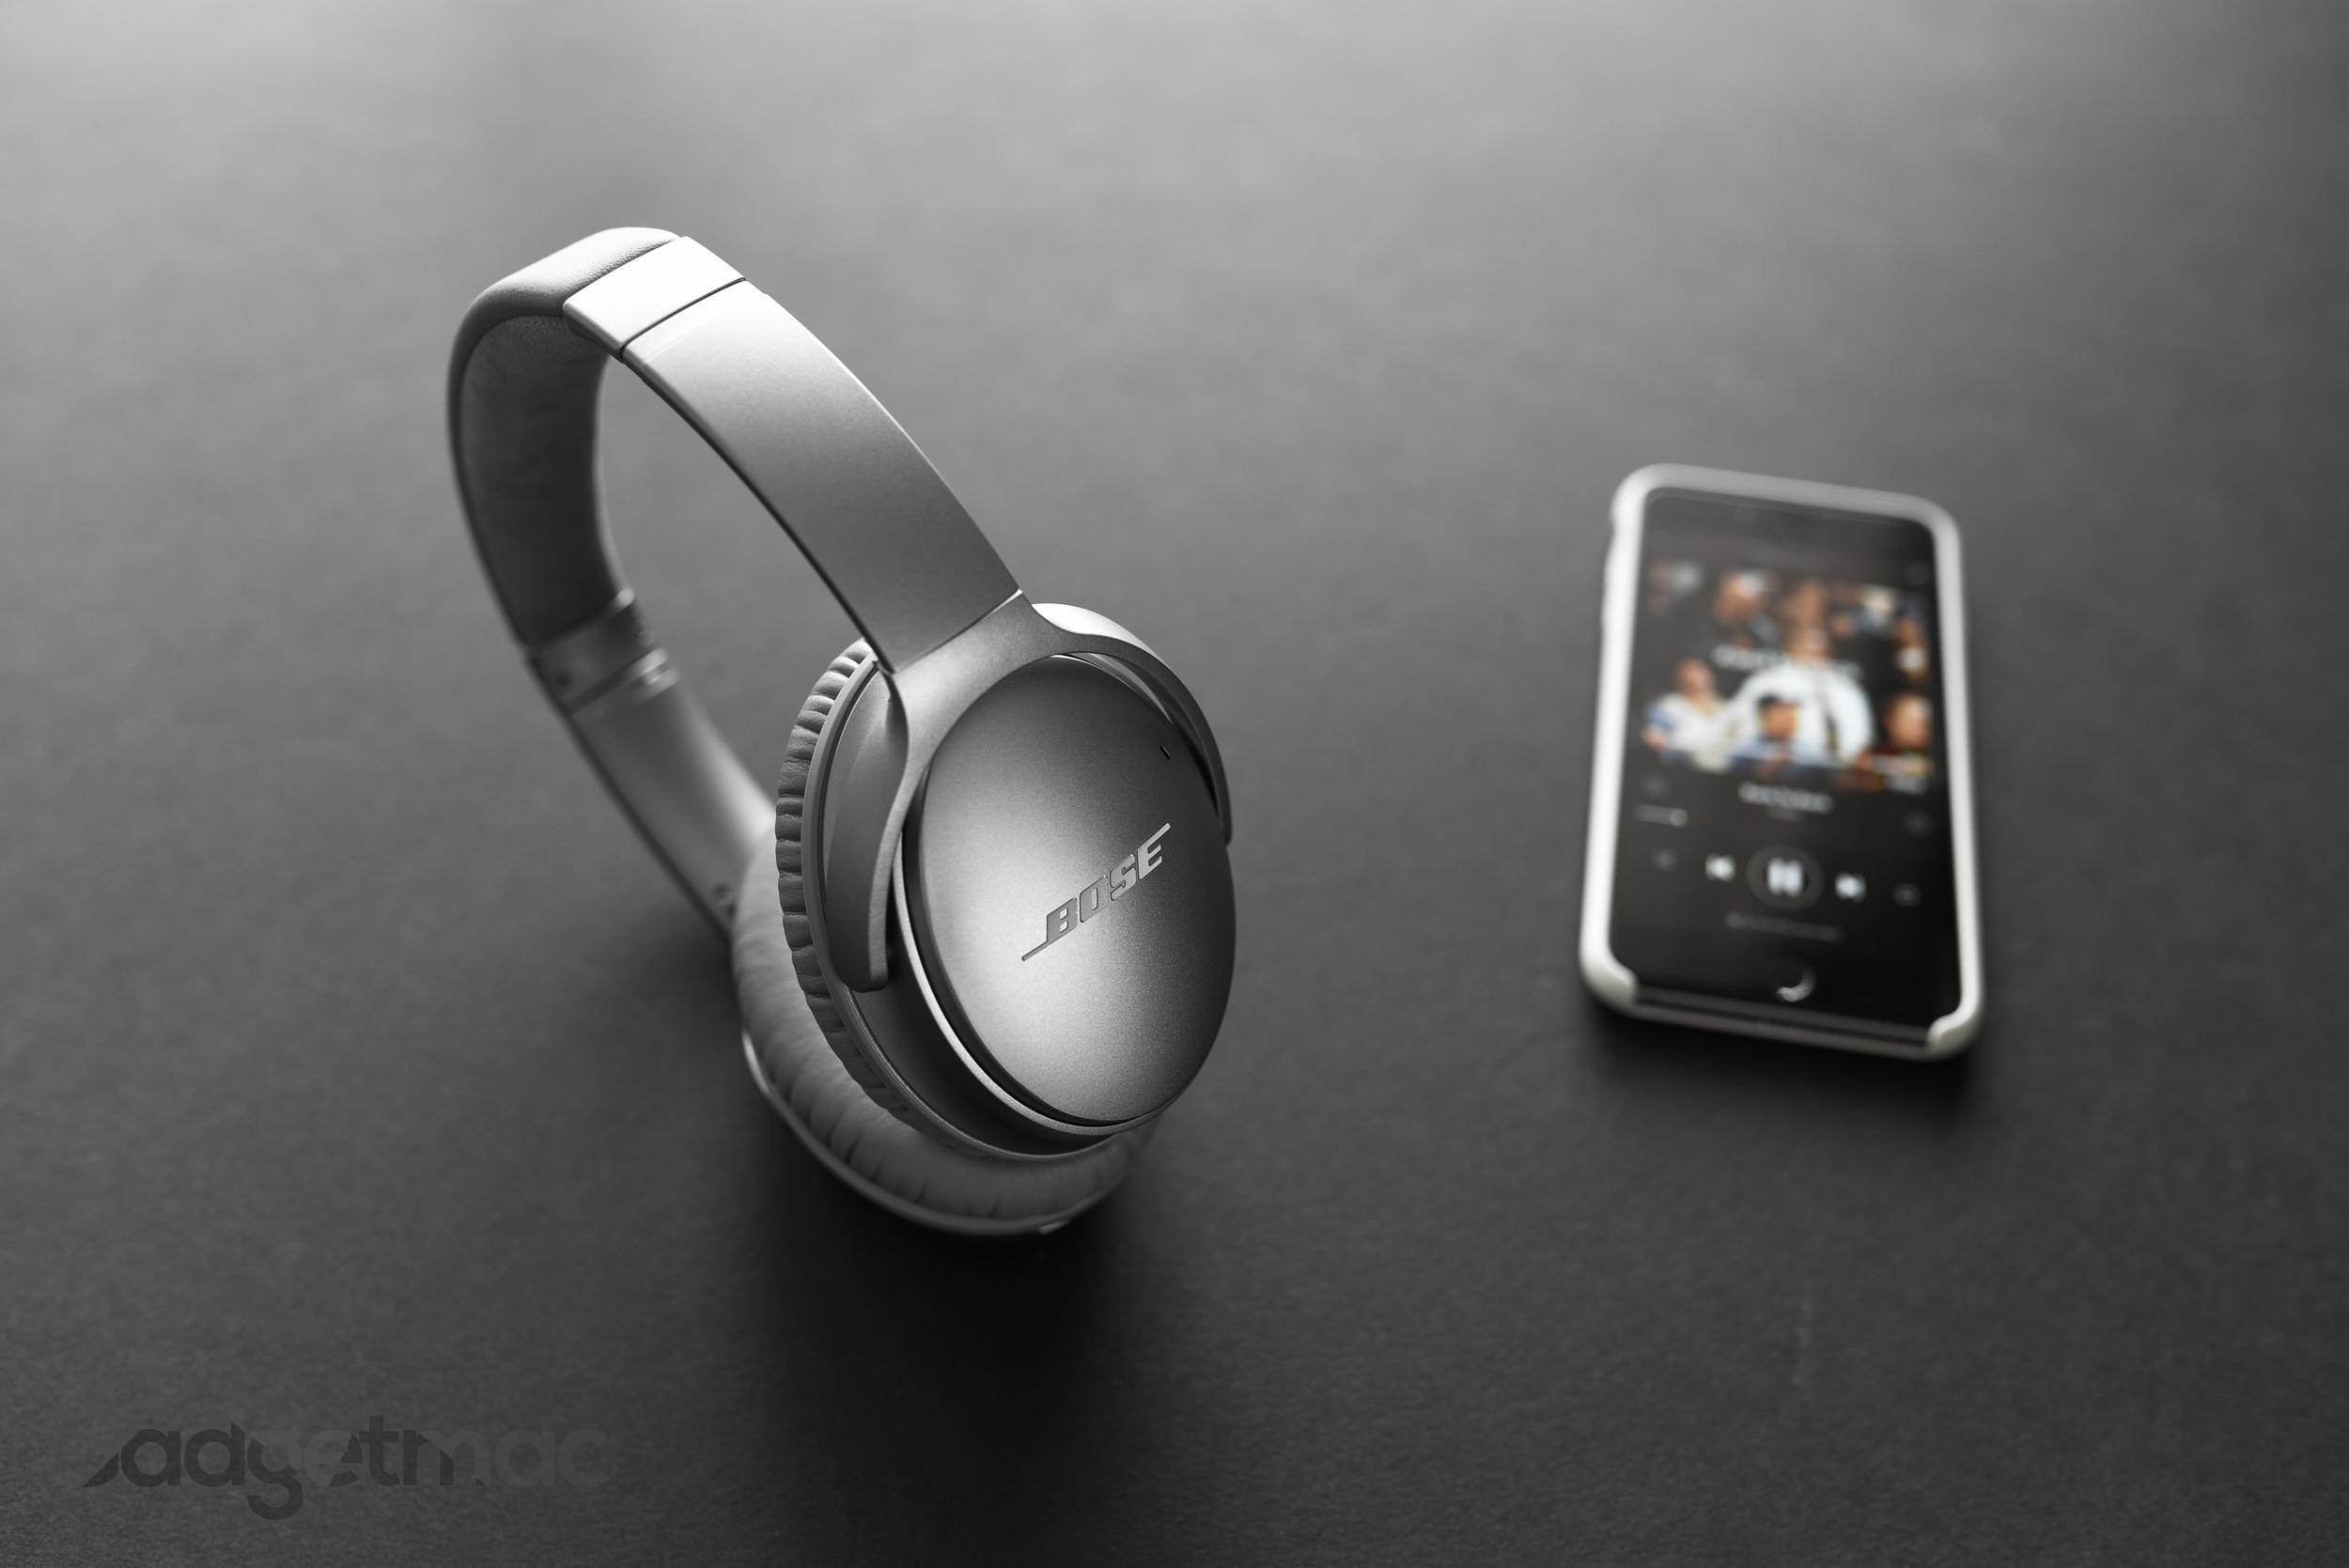 quietcomfort-35-wireless-headphones-with-active-noise-reduction.jpg